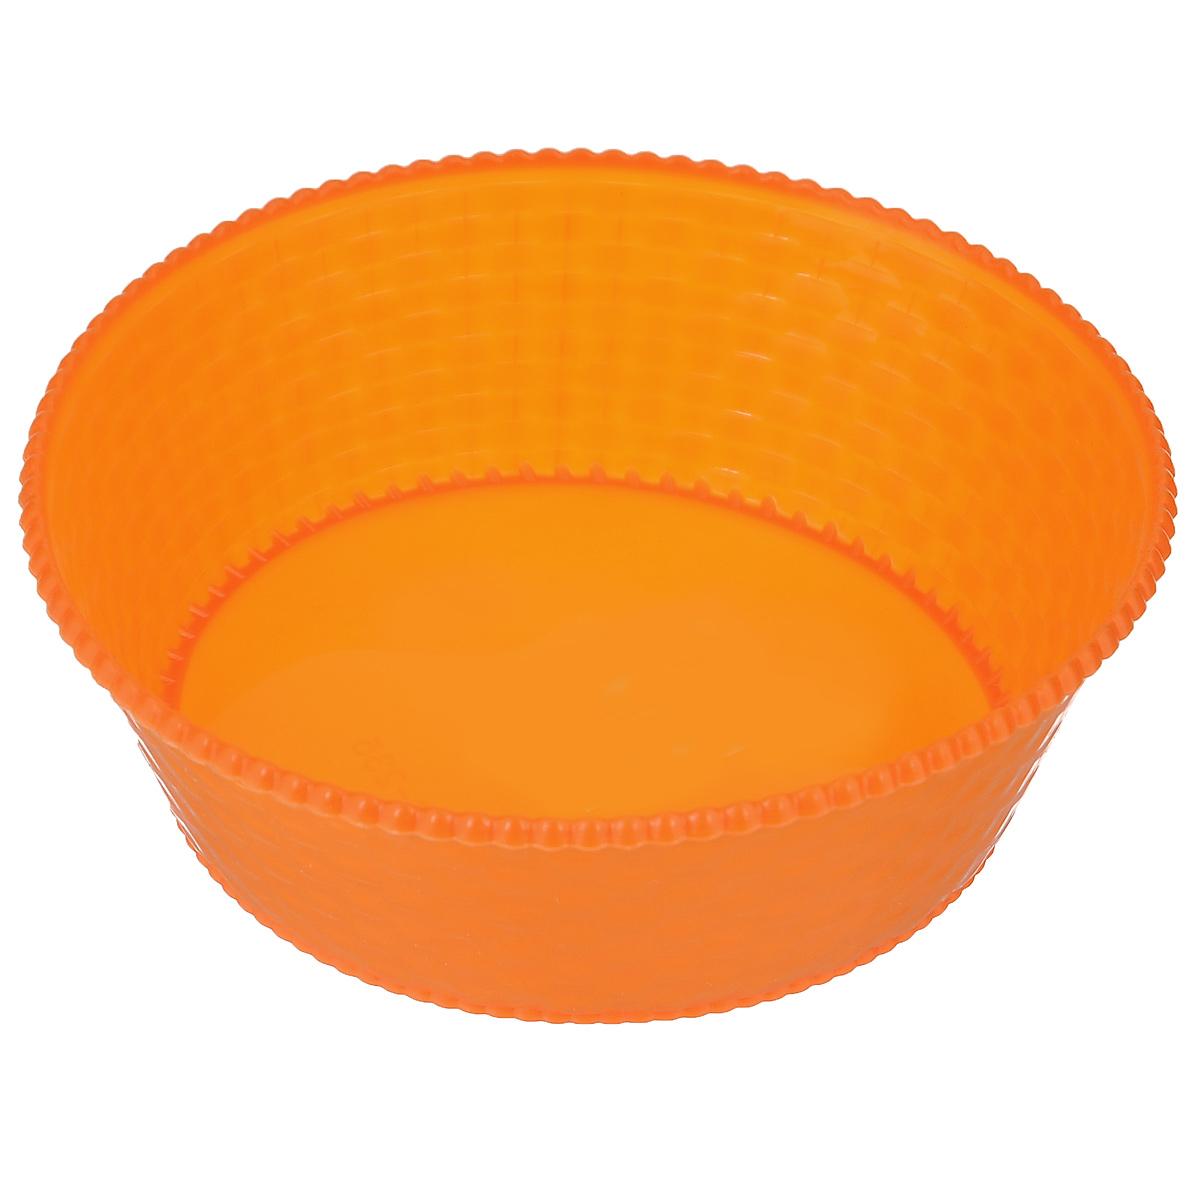 Корзинка для мелочей Sima-land, цвет: оранжевый, диаметр 15 смTD 0033Круглая корзинка Sima-land, изготовленная из пластика, предназначена для хранения мелочей в ванной, на кухне, на даче. Легкая компактная корзина позволяет хранить мелкие вещи, исключая возможность их потери. Диаметр корзины: 15 см.Высота корзины: 4,5 см.